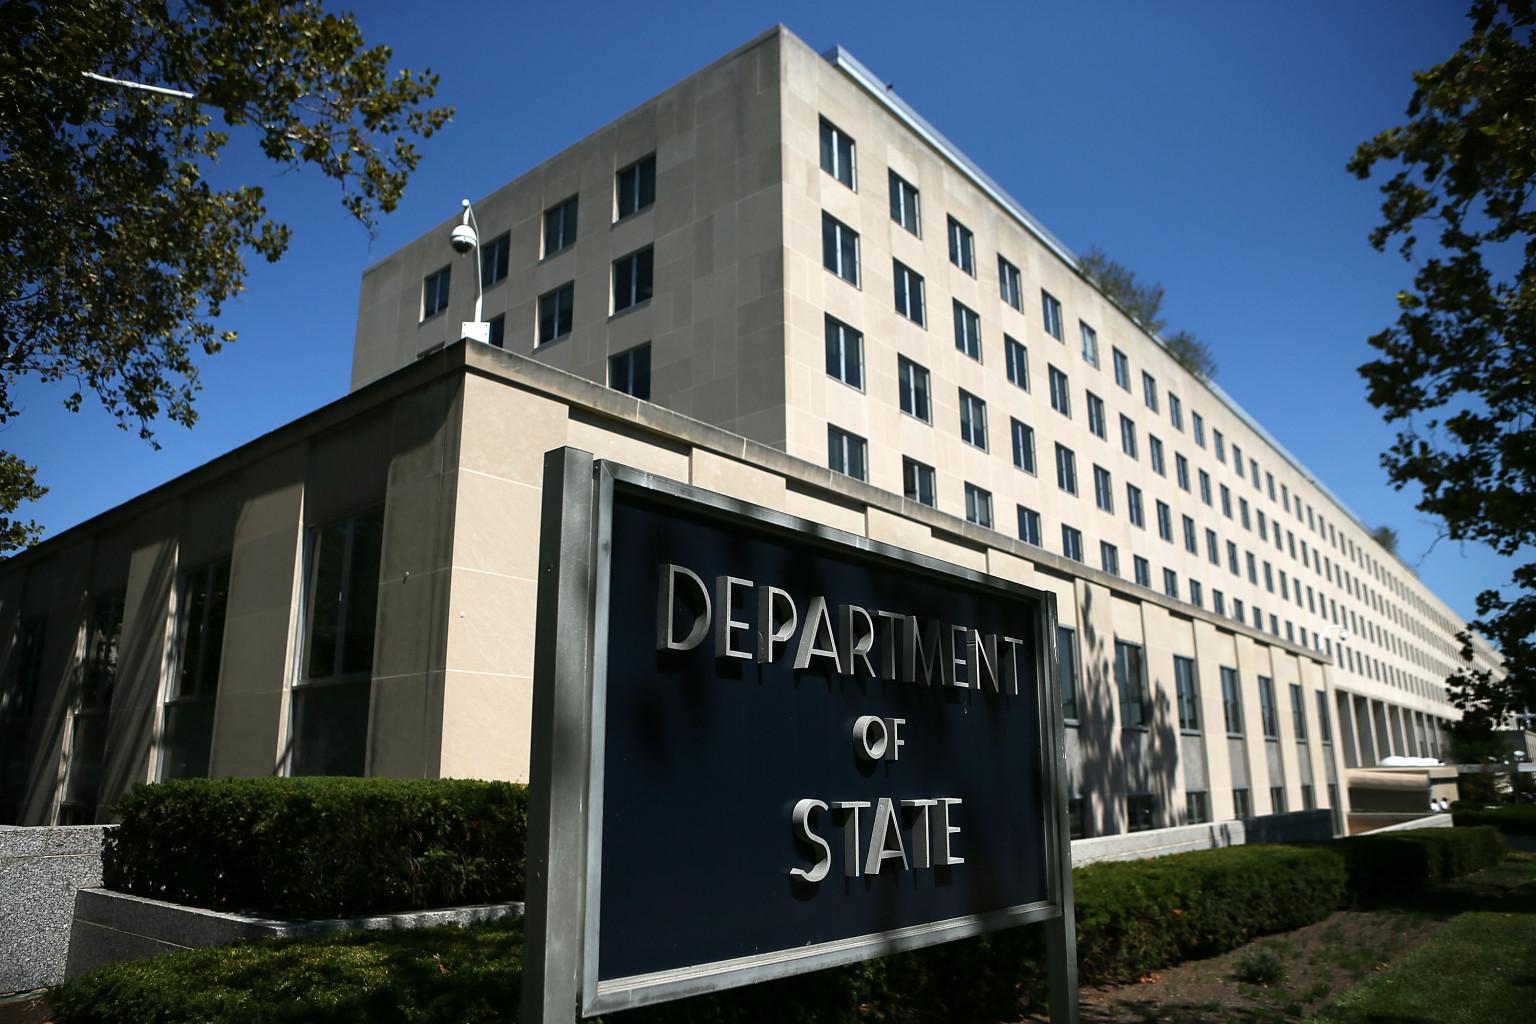 «Ահաբեկչության վտանգ կա». ԱՄՆ-ը զգուշացրել է Ադրբեջան այցելել ցանկացող իր քաղաքացիներին